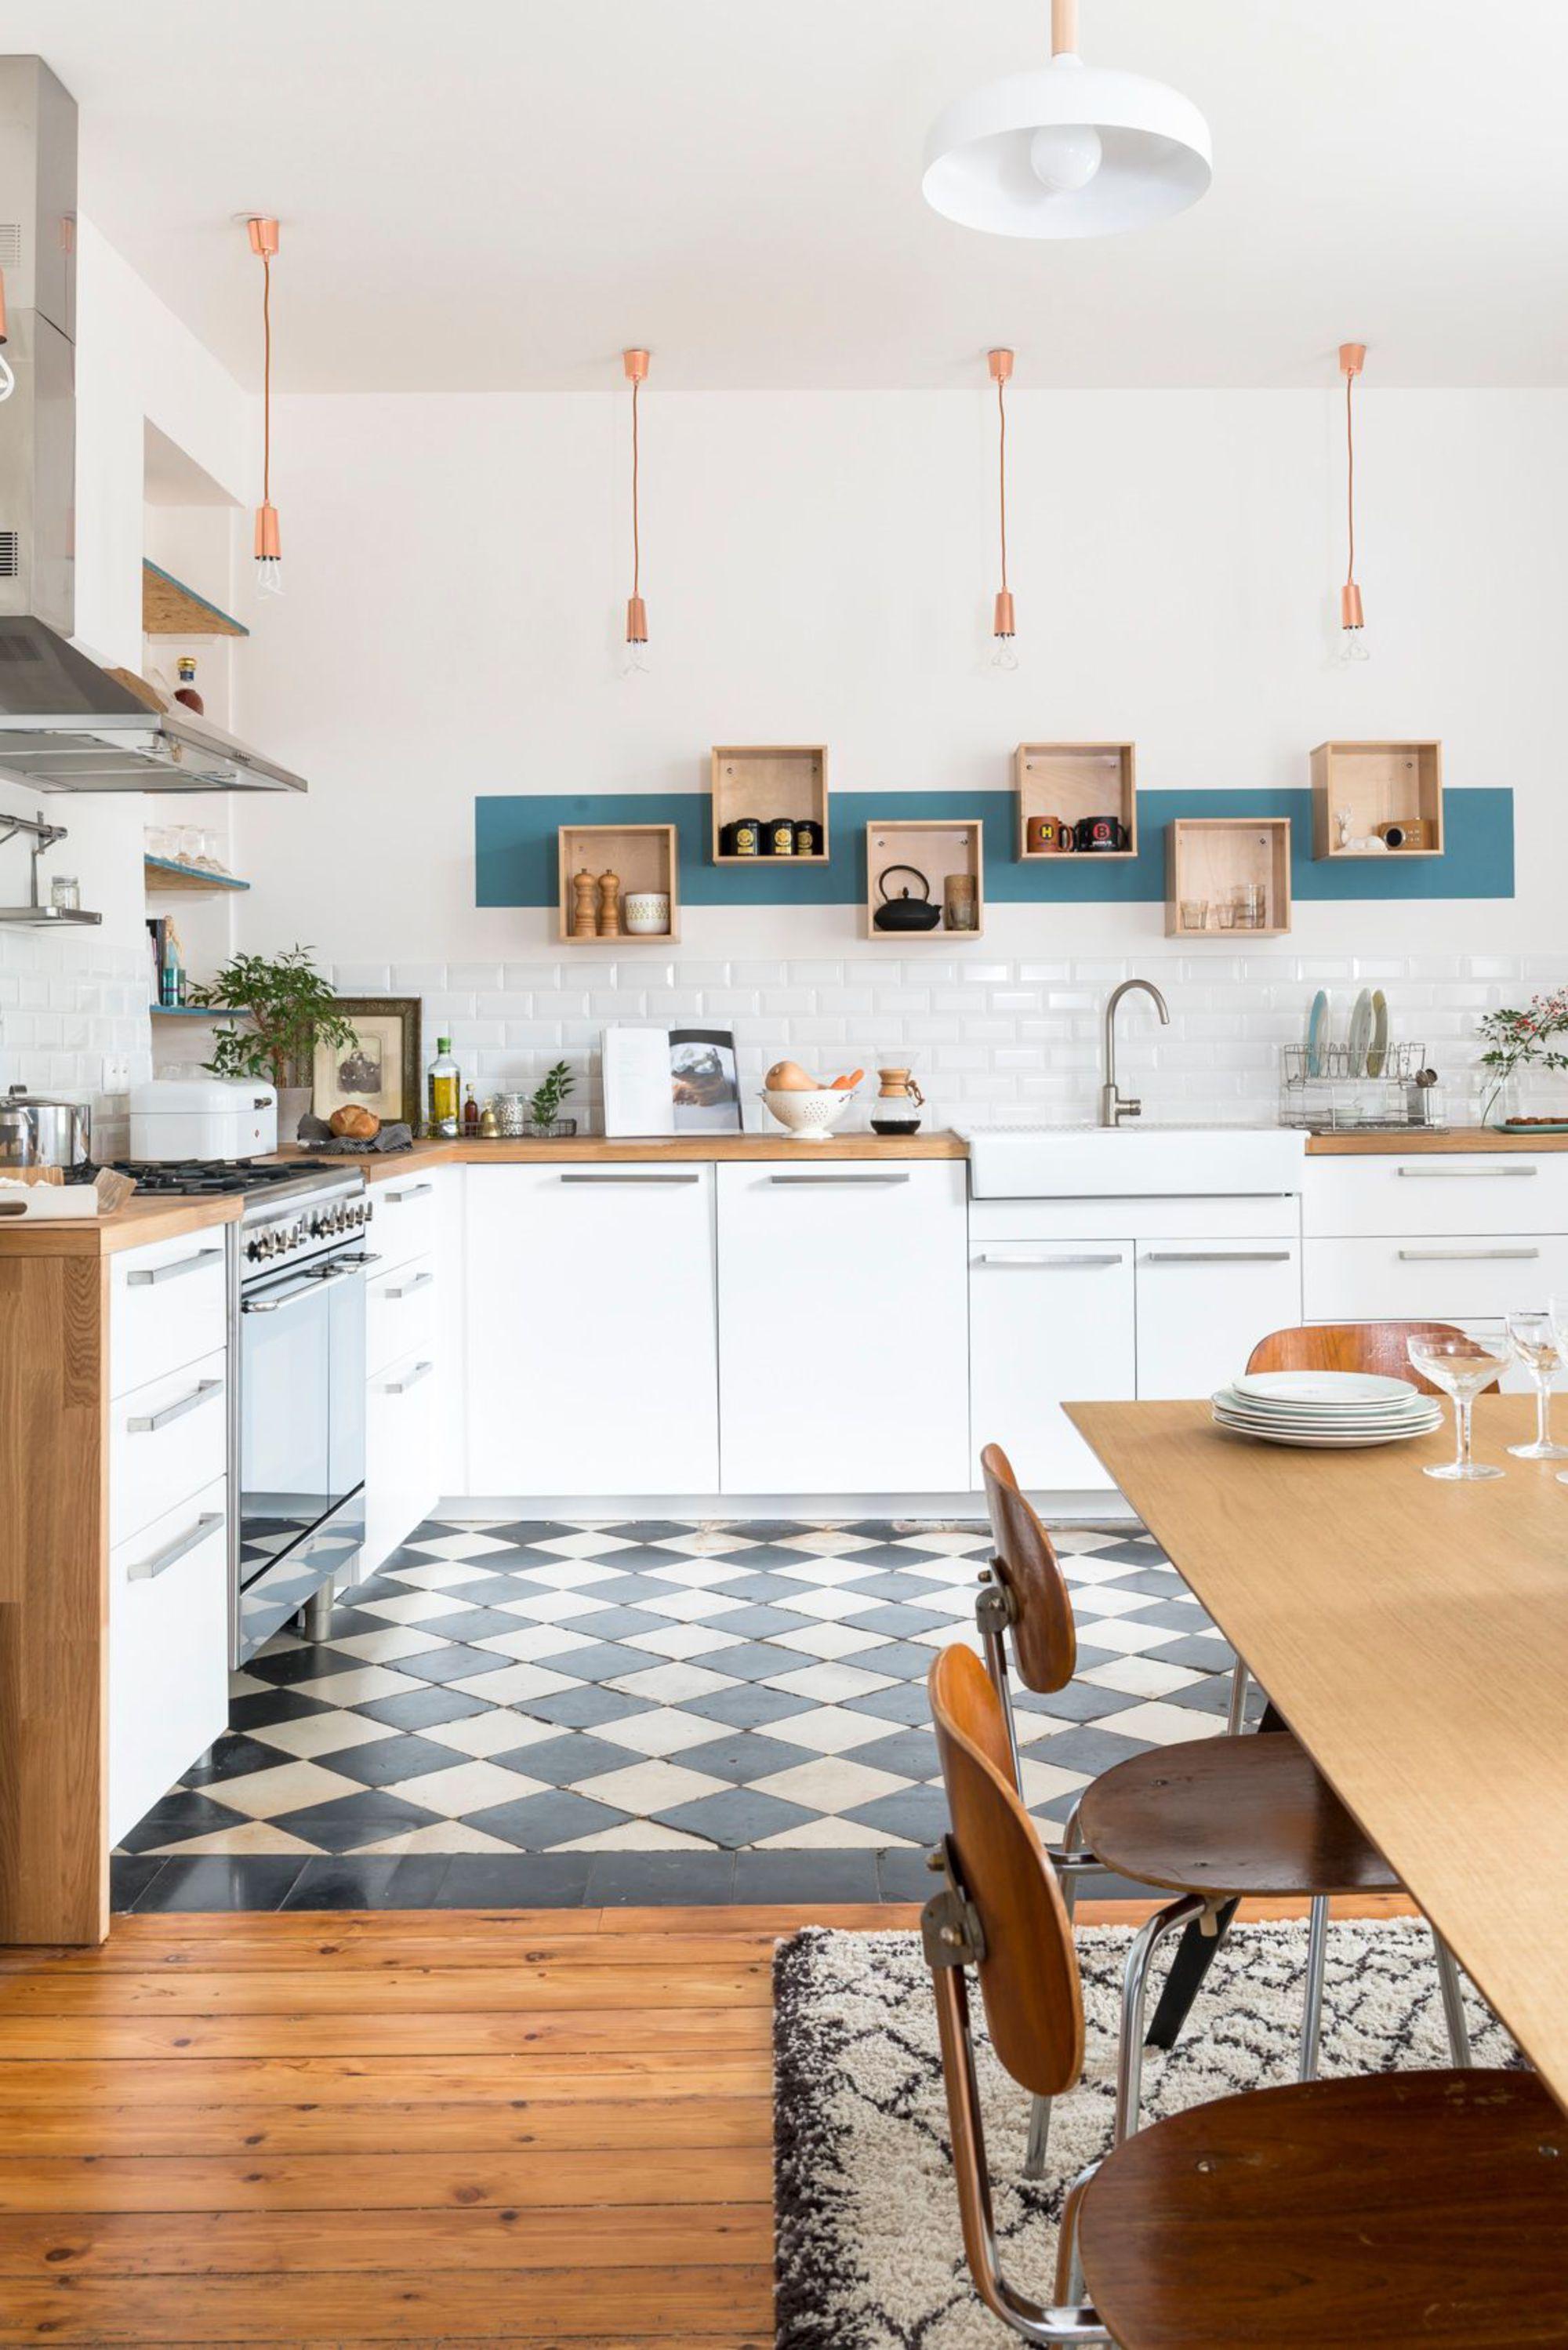 cuisine carreaux ciment 12 photos de cuisines tendance kitchens interiors and inspiration